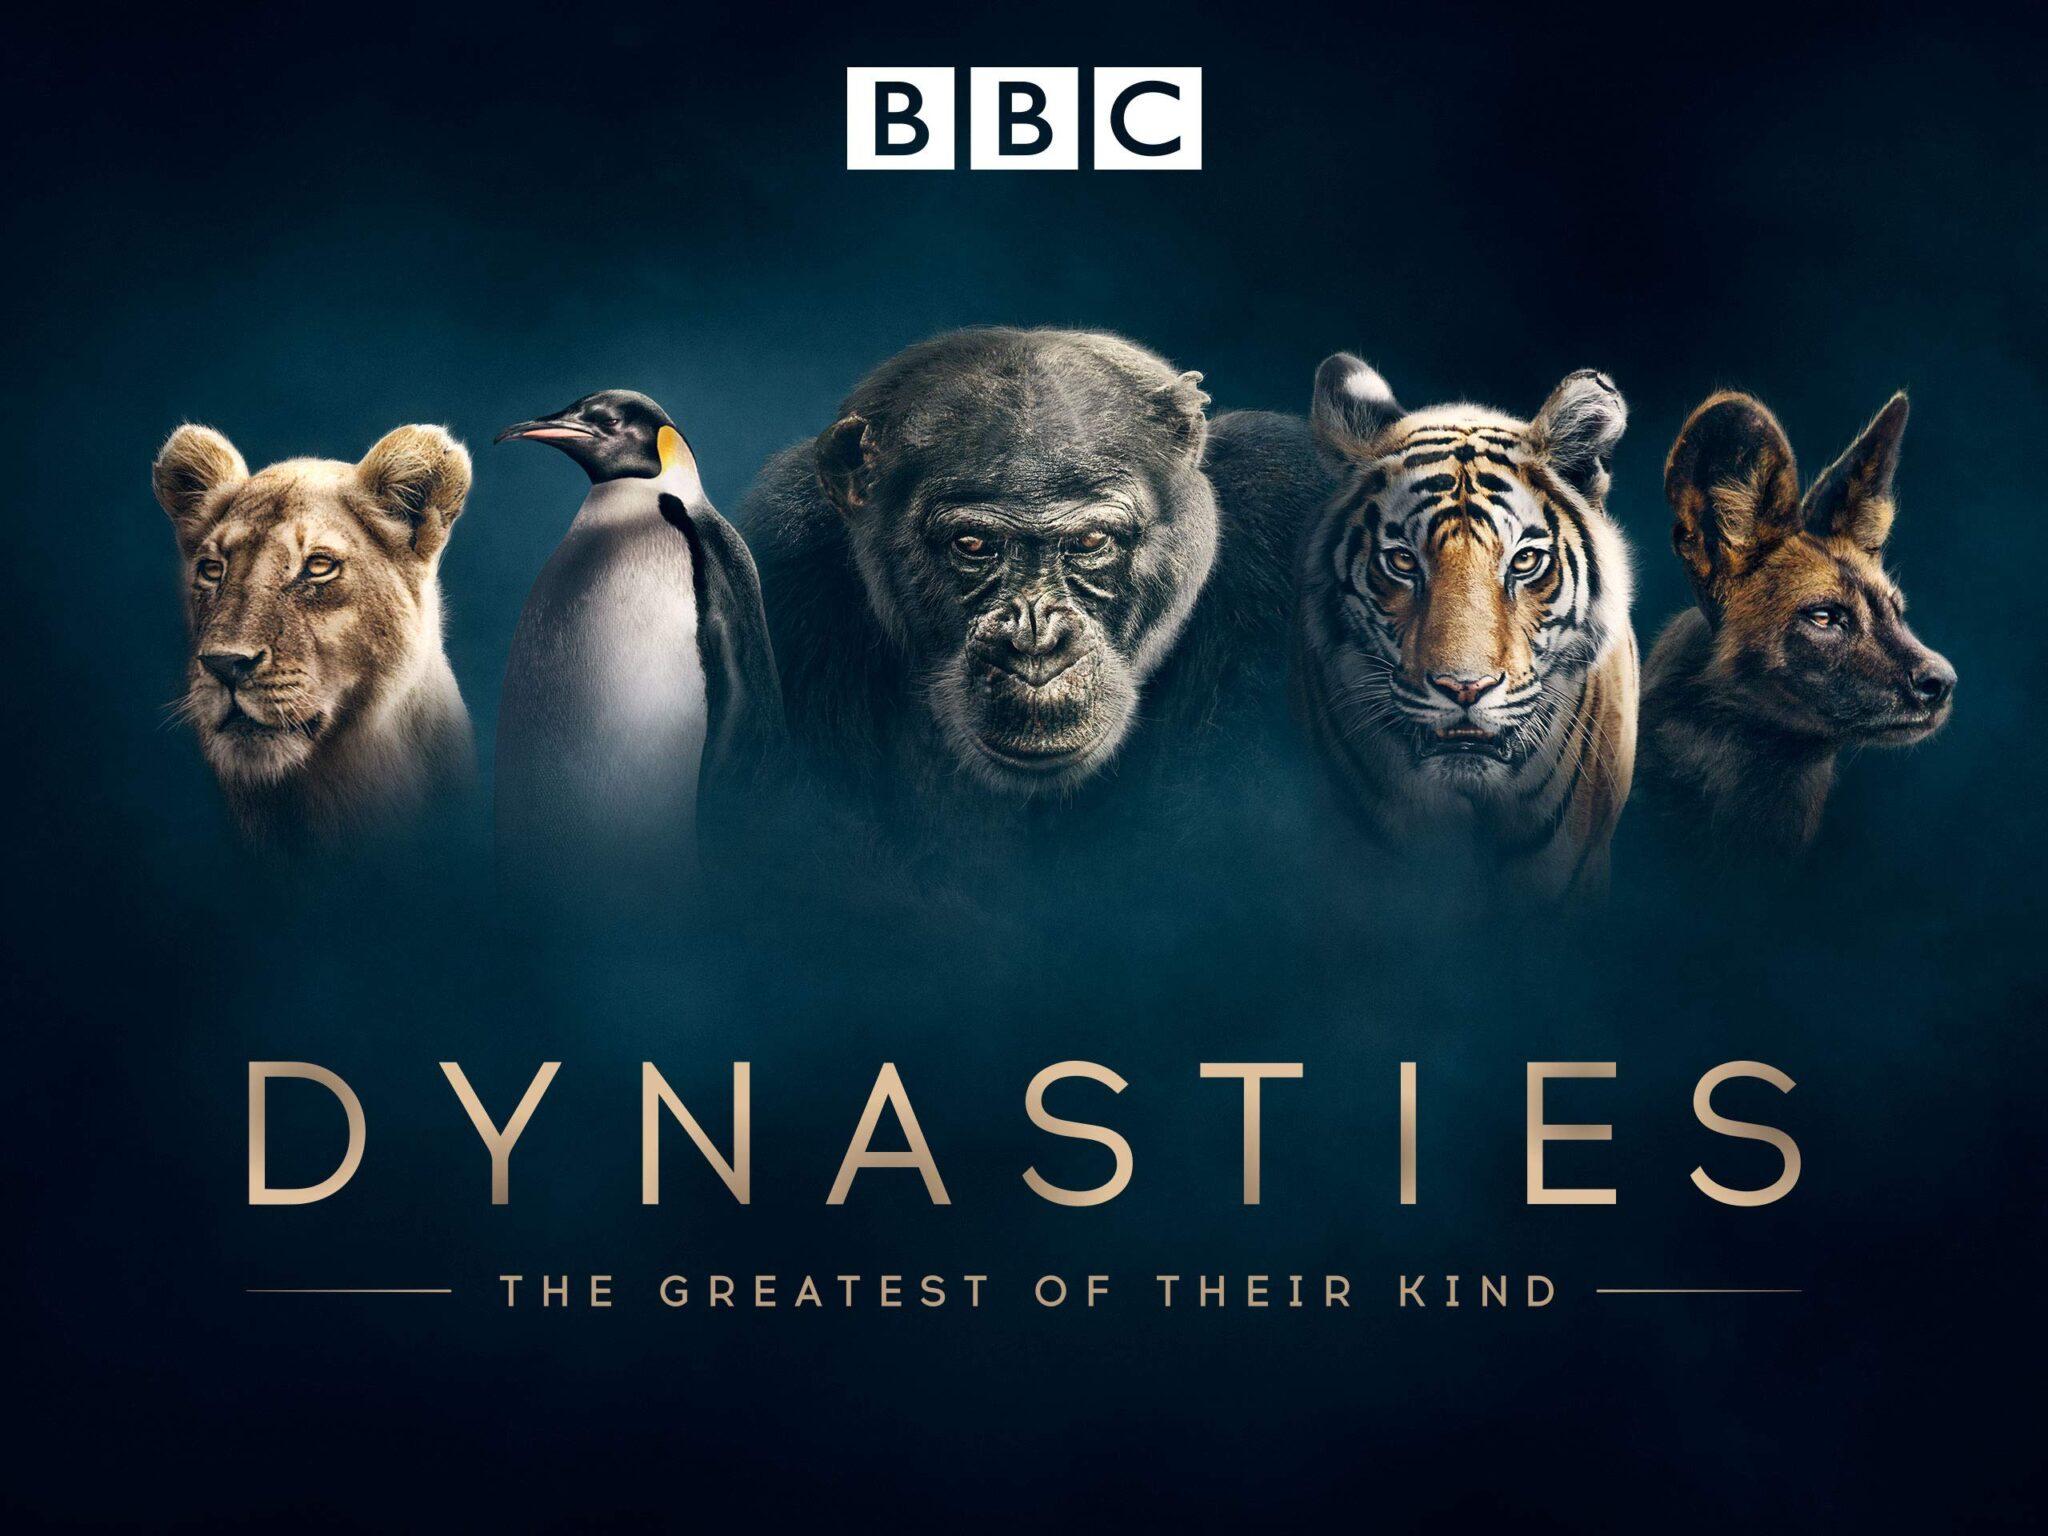 Promotionsbild der BBC Serie Dynasties mit einem Löwen, einem Pinguin, einem Gorilla, einem Tiger und einer Hyäne.